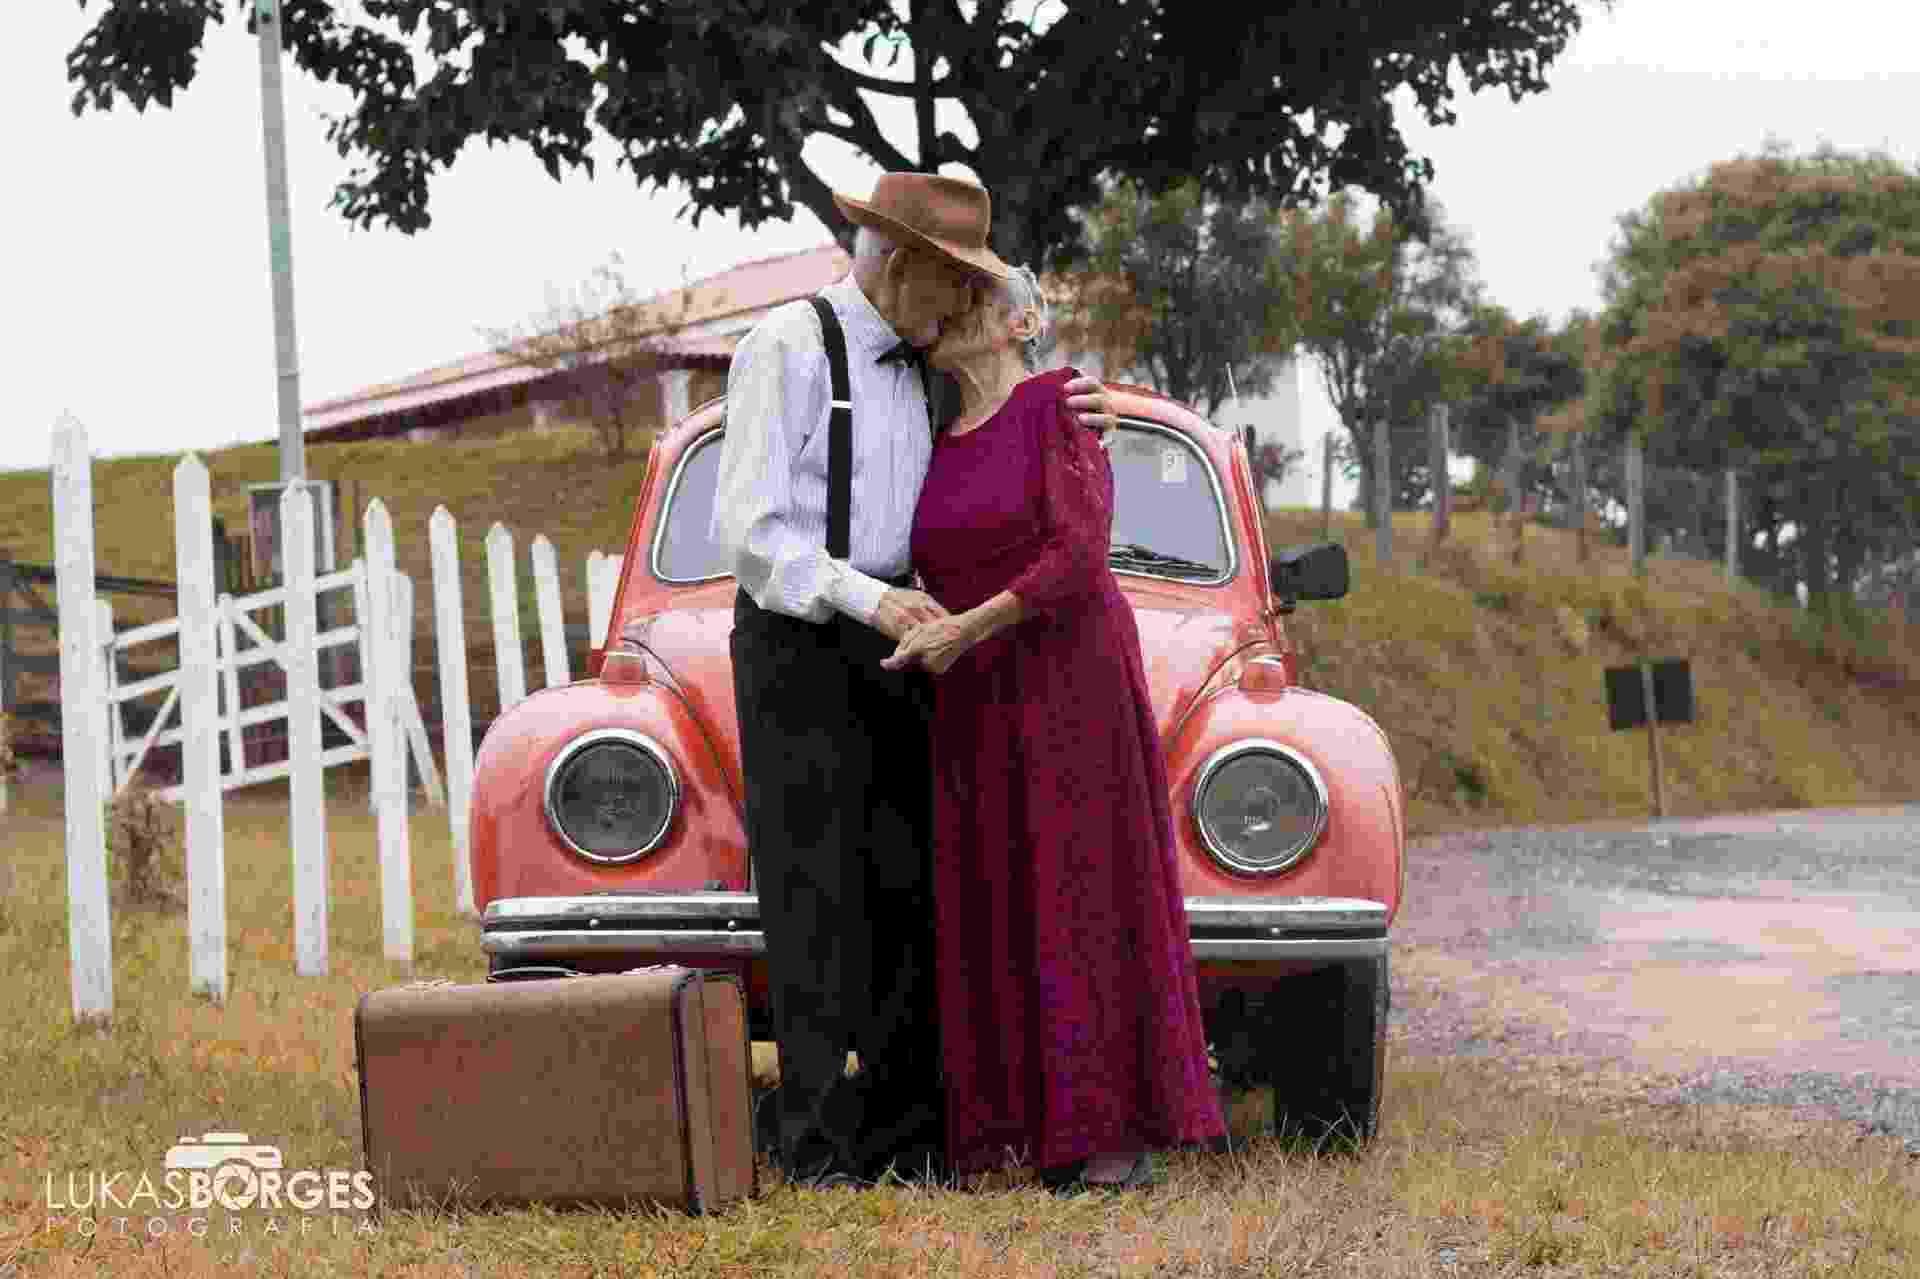 Ensaio de bodas de 70 anos - Reprodução/Facebook/Lukas Borges